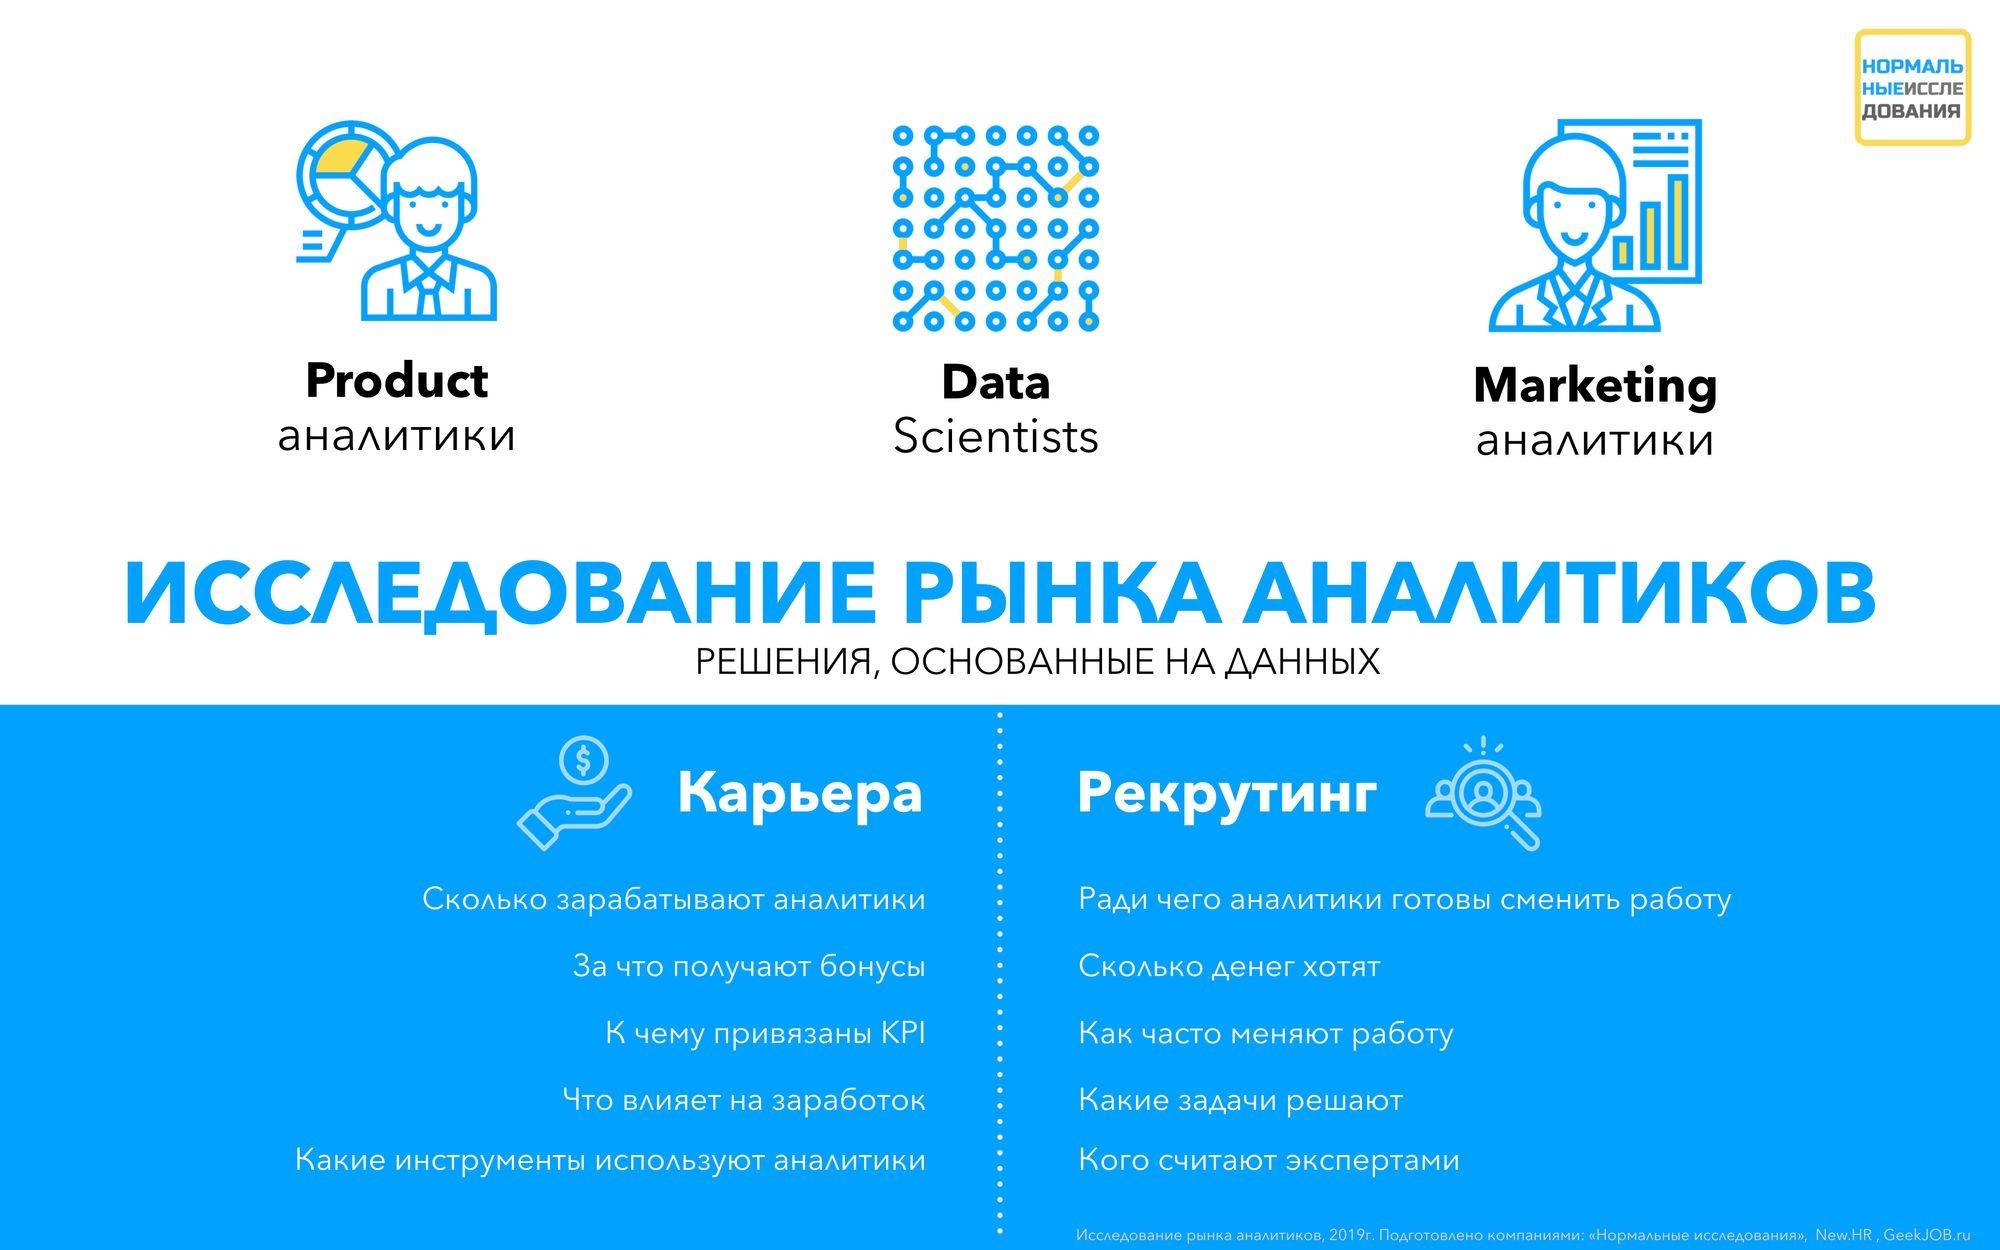 «Нормальные исследования» рынка аналитиков